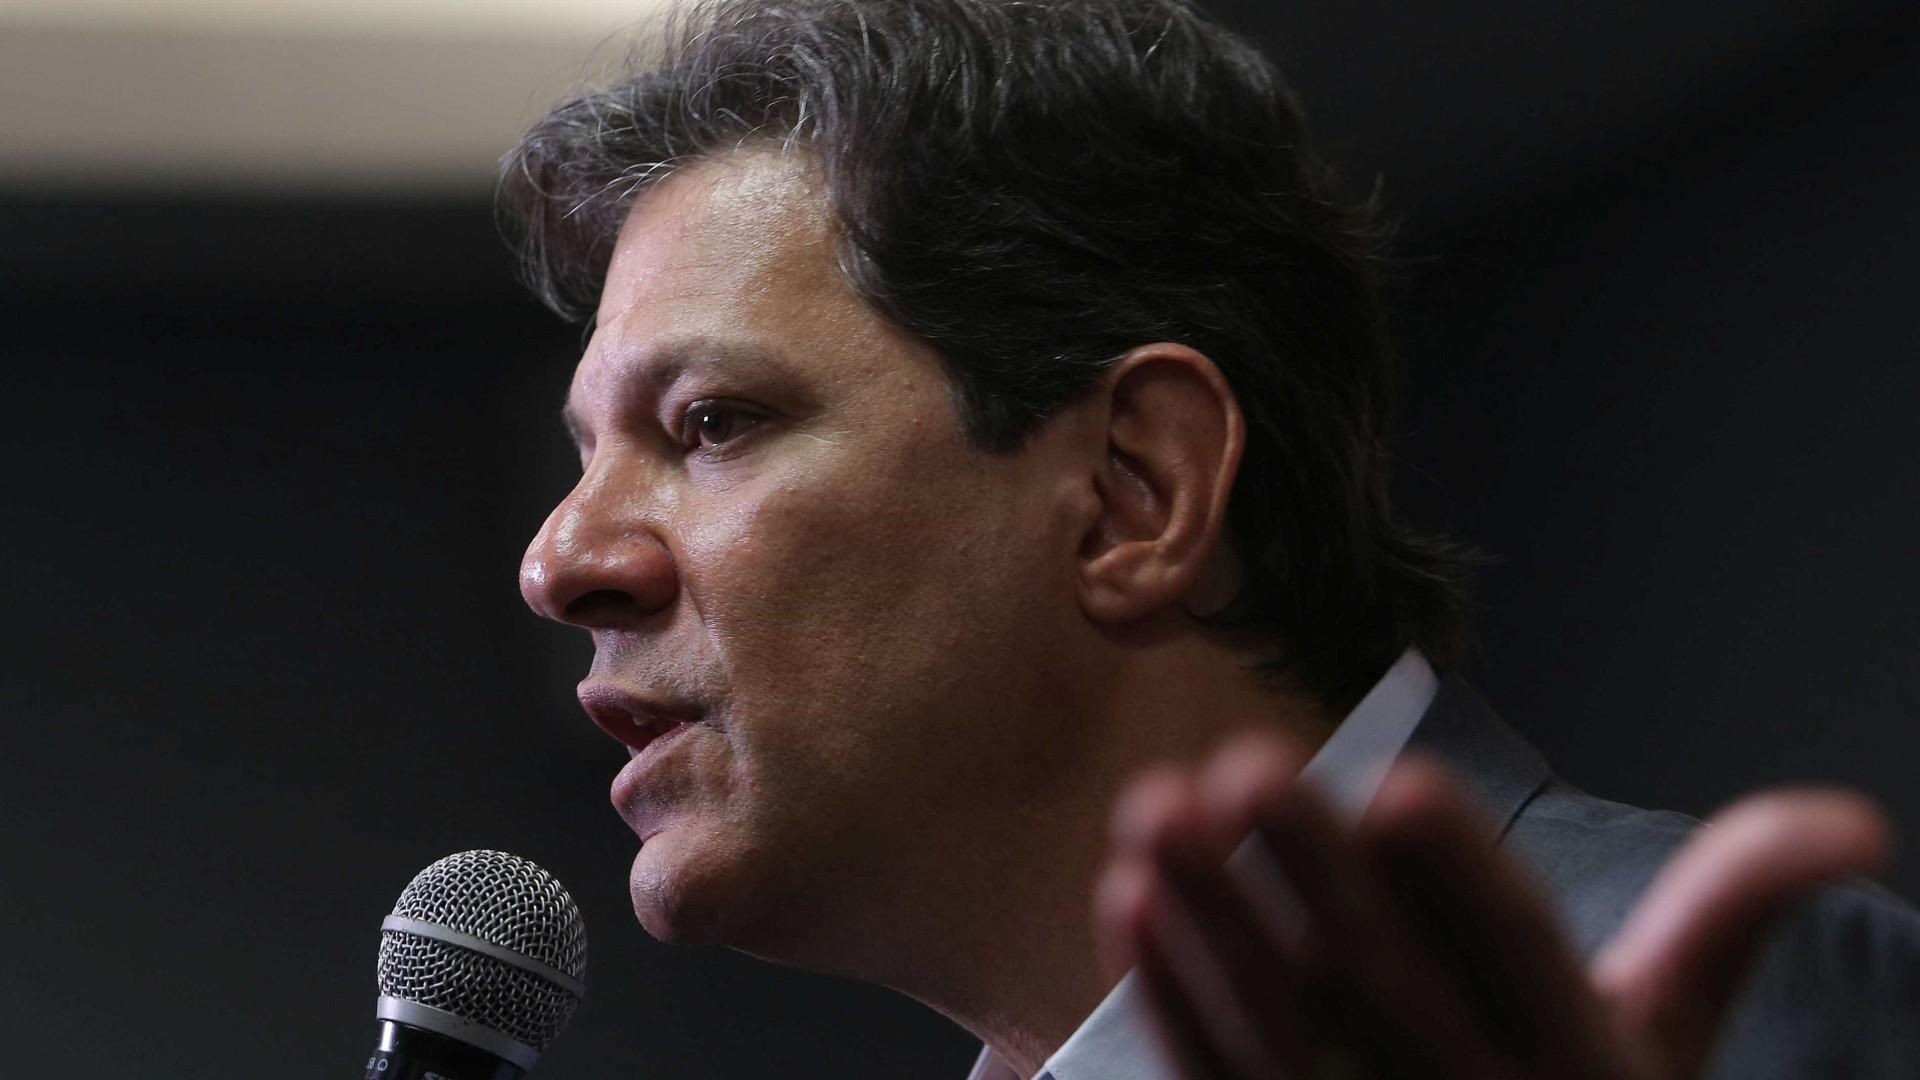 Haddad é condenado a pagar R$ 200 mil por acusar promotor sem provas